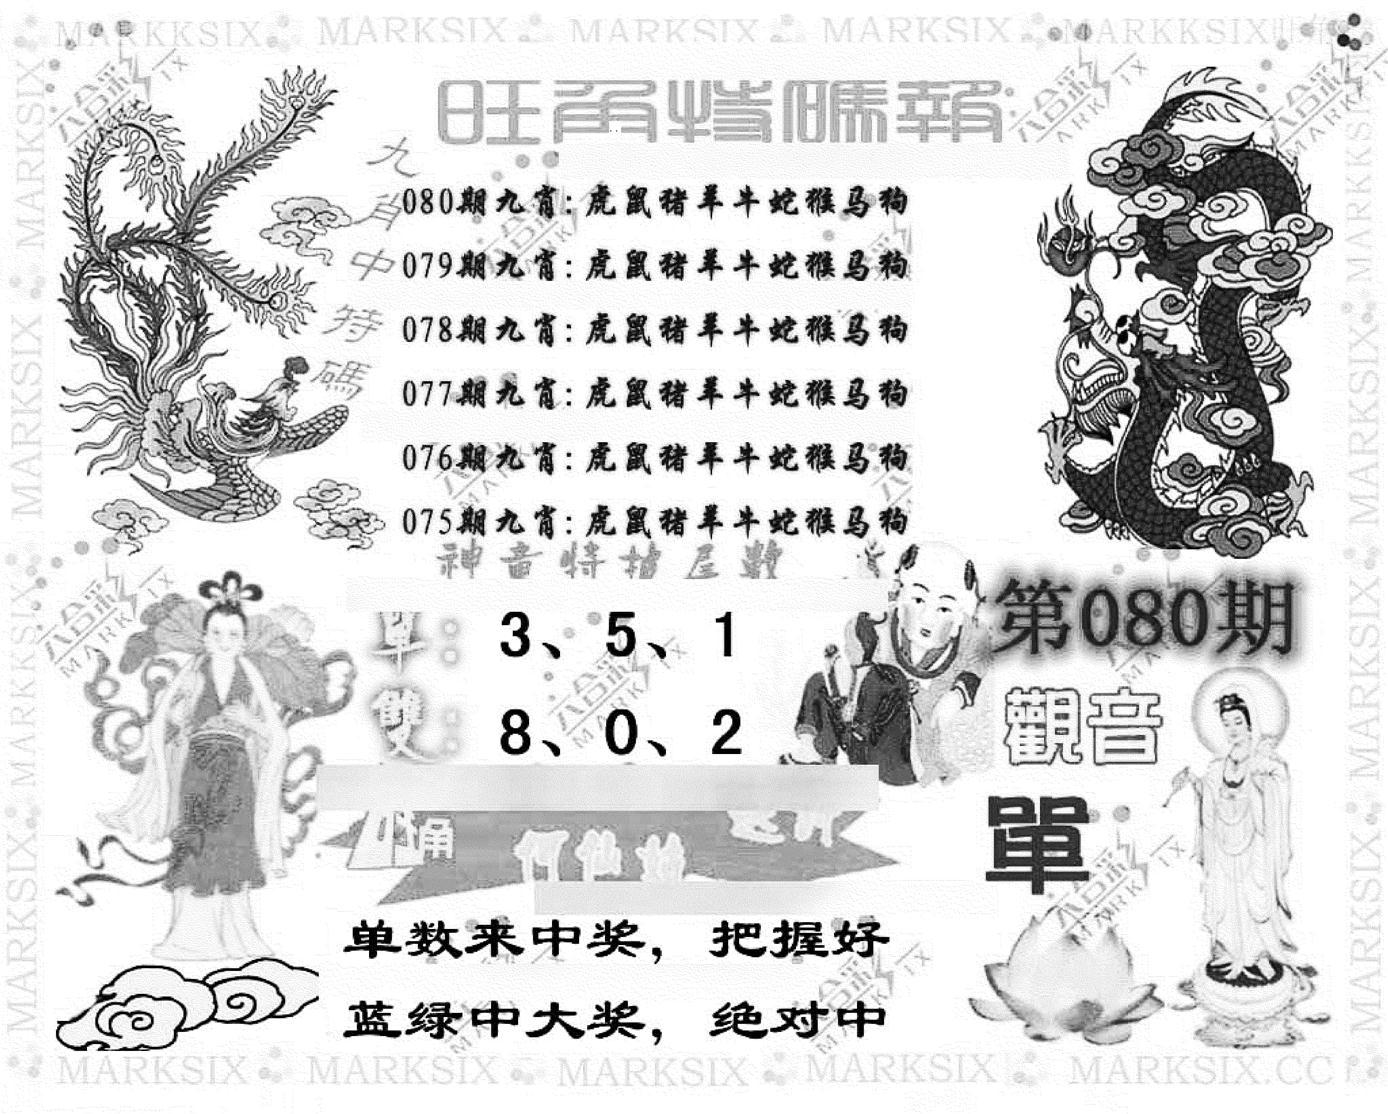 080期旺角特码报(彩)(黑白)